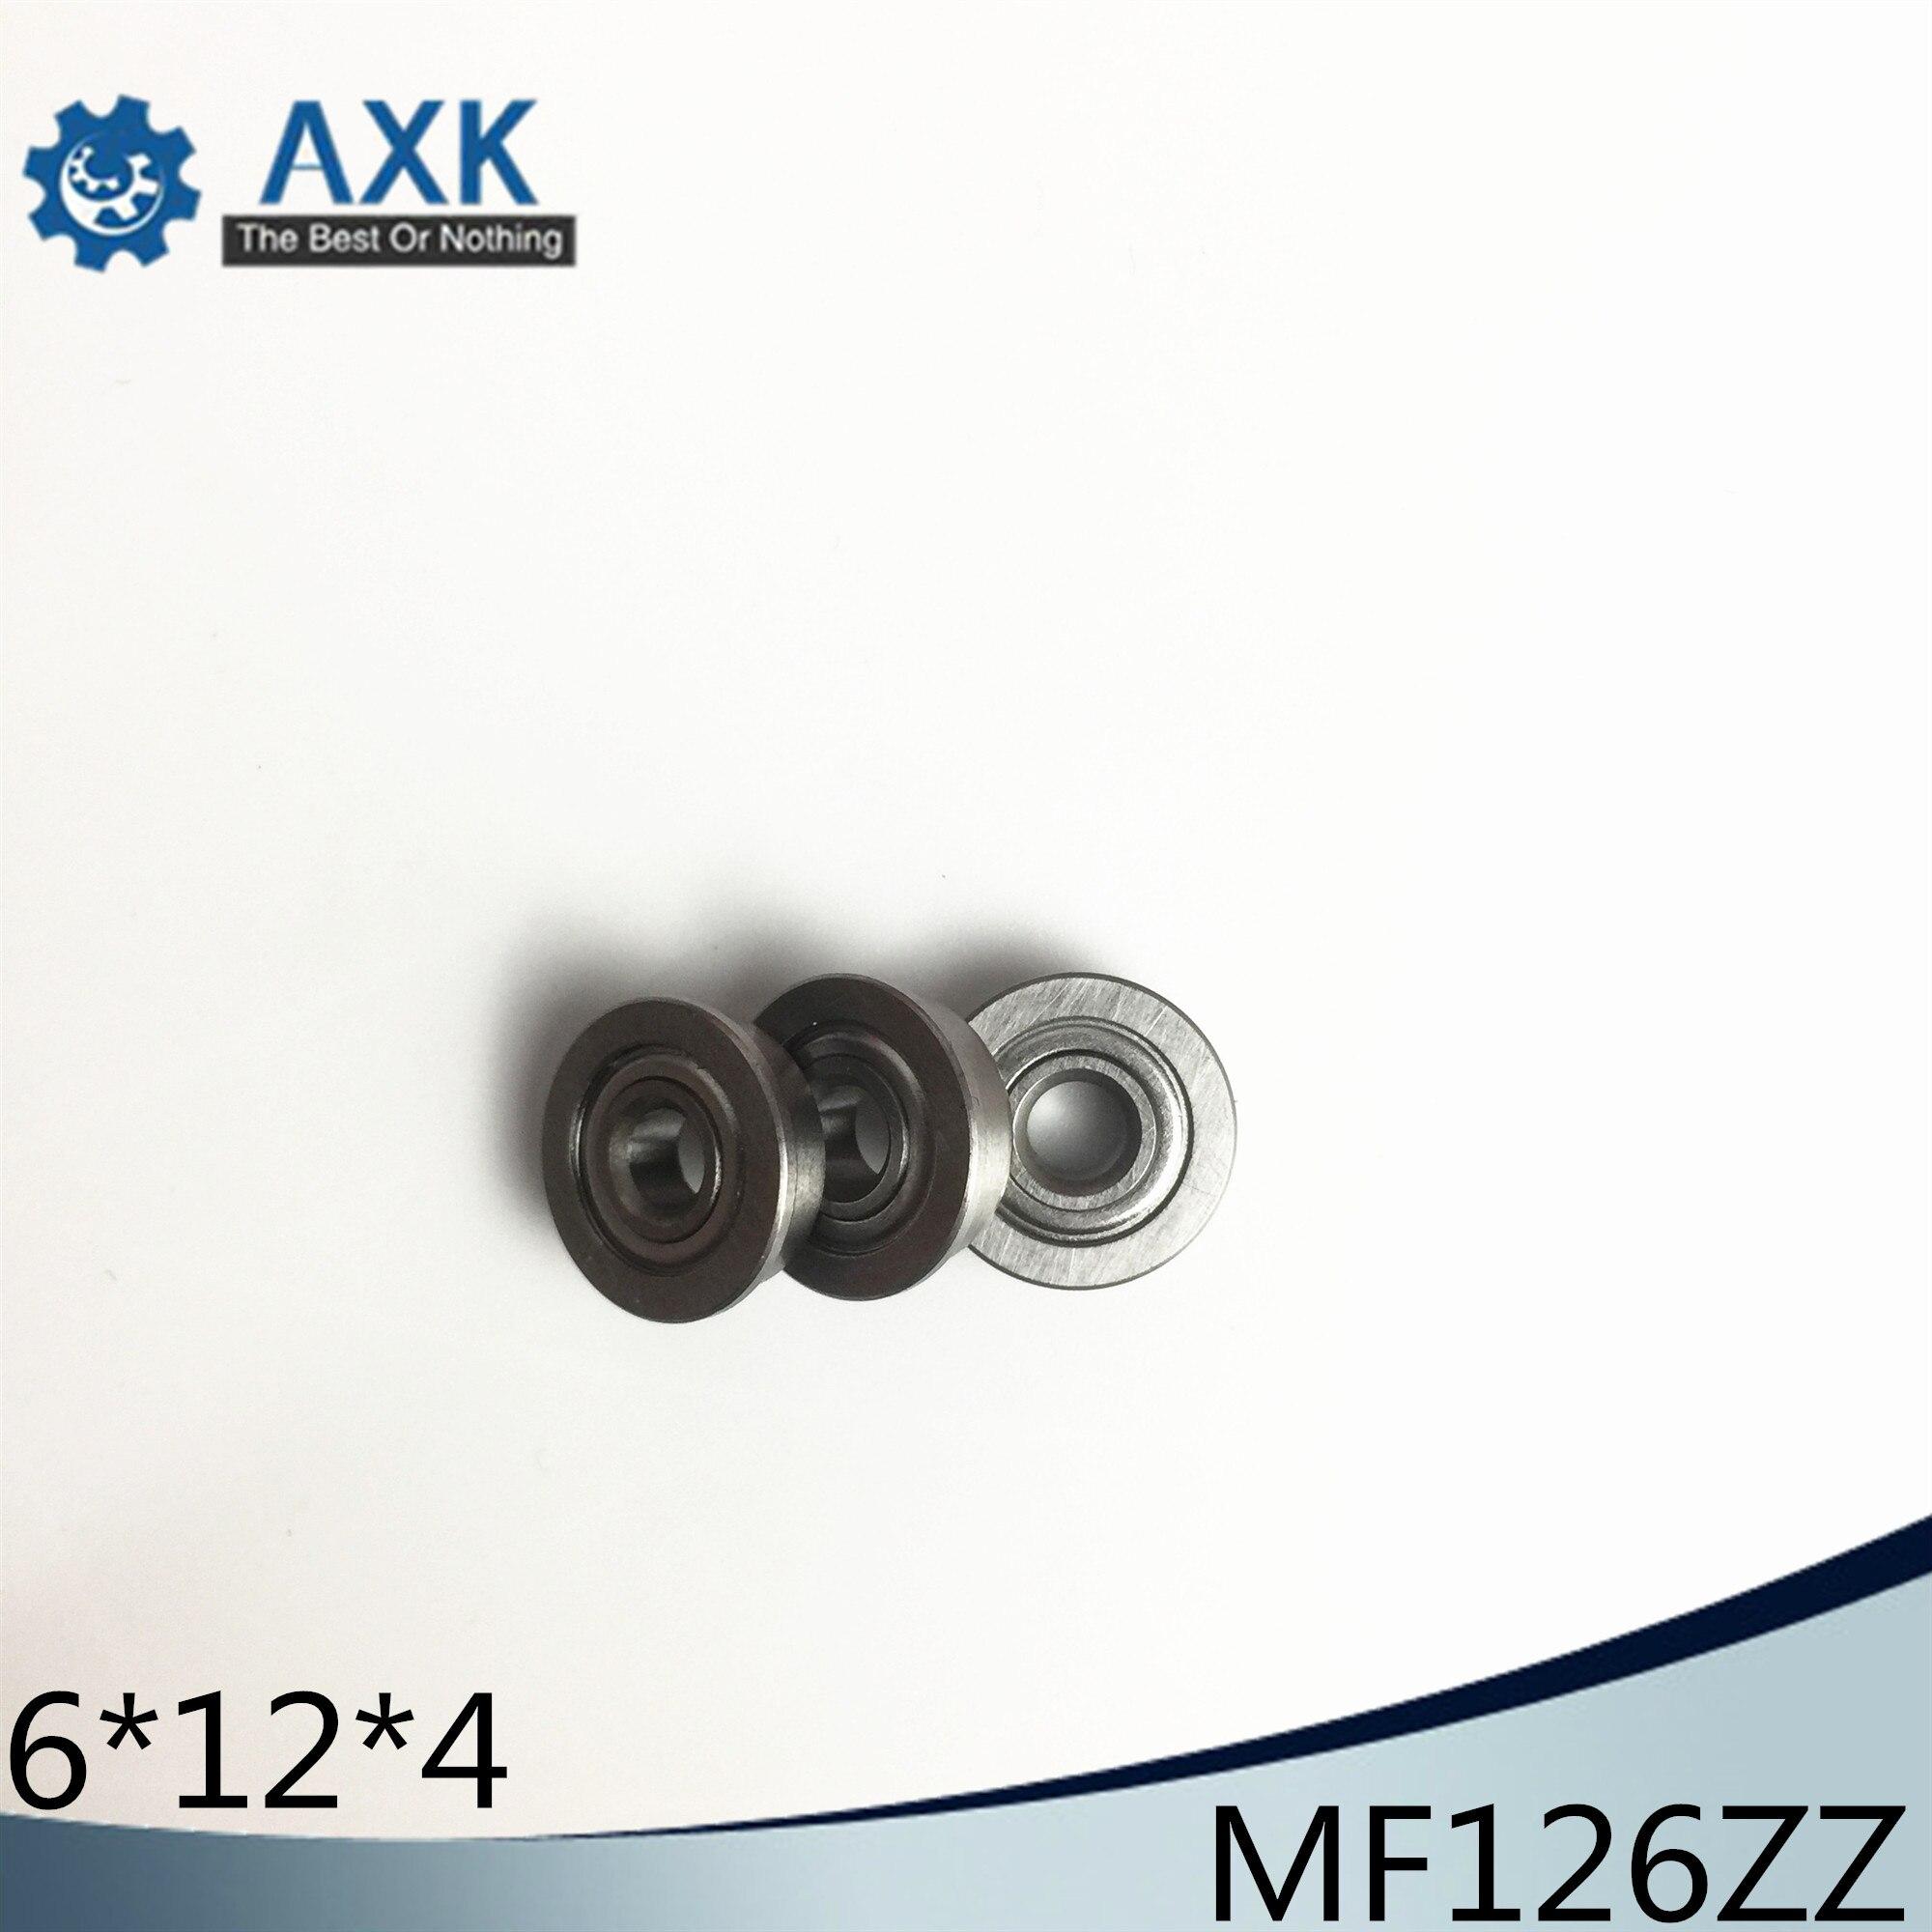 MF126ZZ Flange Bearing 6x12x4 mm ABEC-1 ( 10 PCS ) Miniature Flanged MF126 Z ZZ Ball BearingsMF126ZZ Flange Bearing 6x12x4 mm ABEC-1 ( 10 PCS ) Miniature Flanged MF126 Z ZZ Ball Bearings